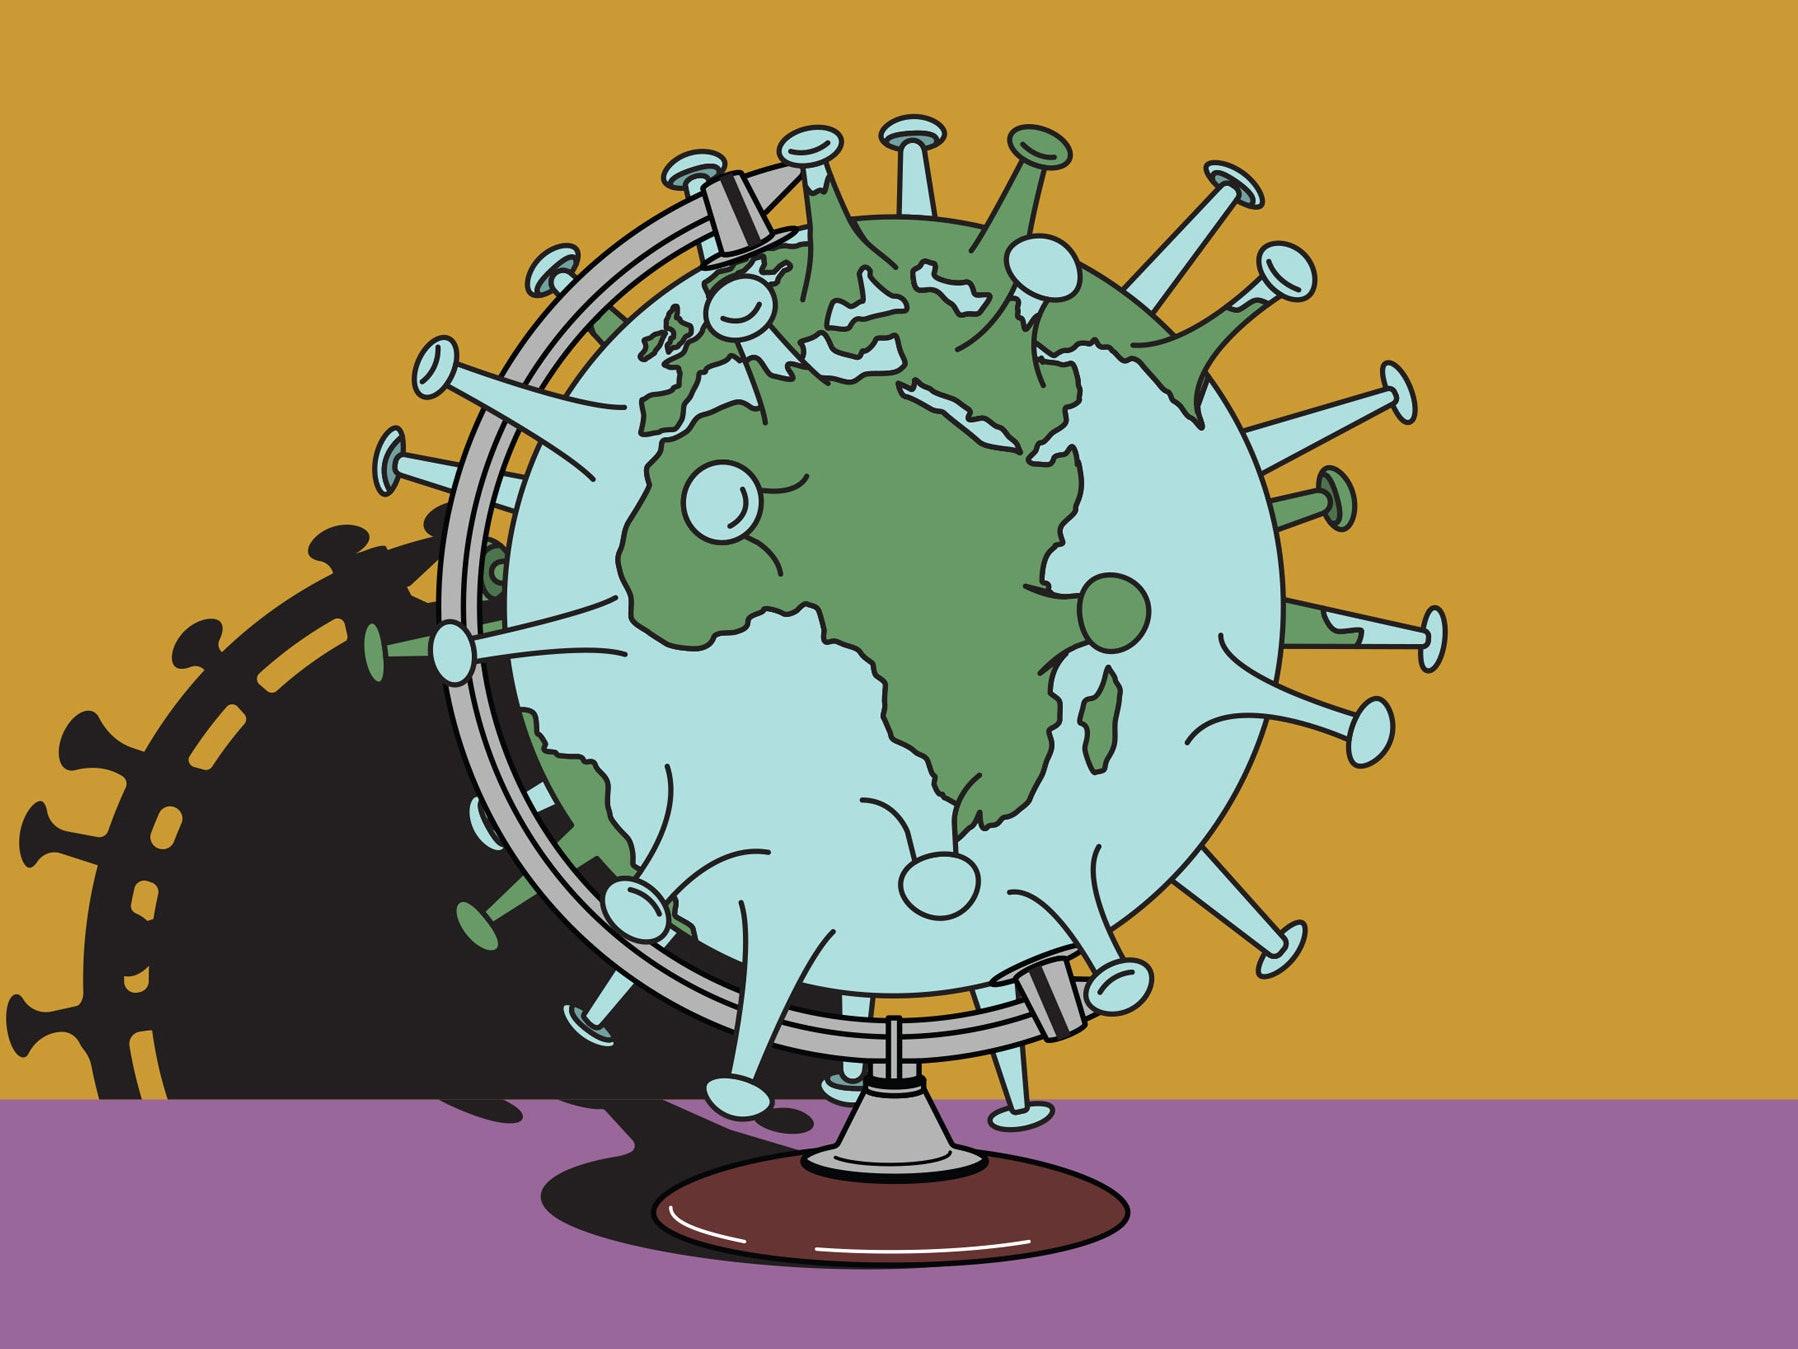 日本政府、全世界からの新規入国拒否へ